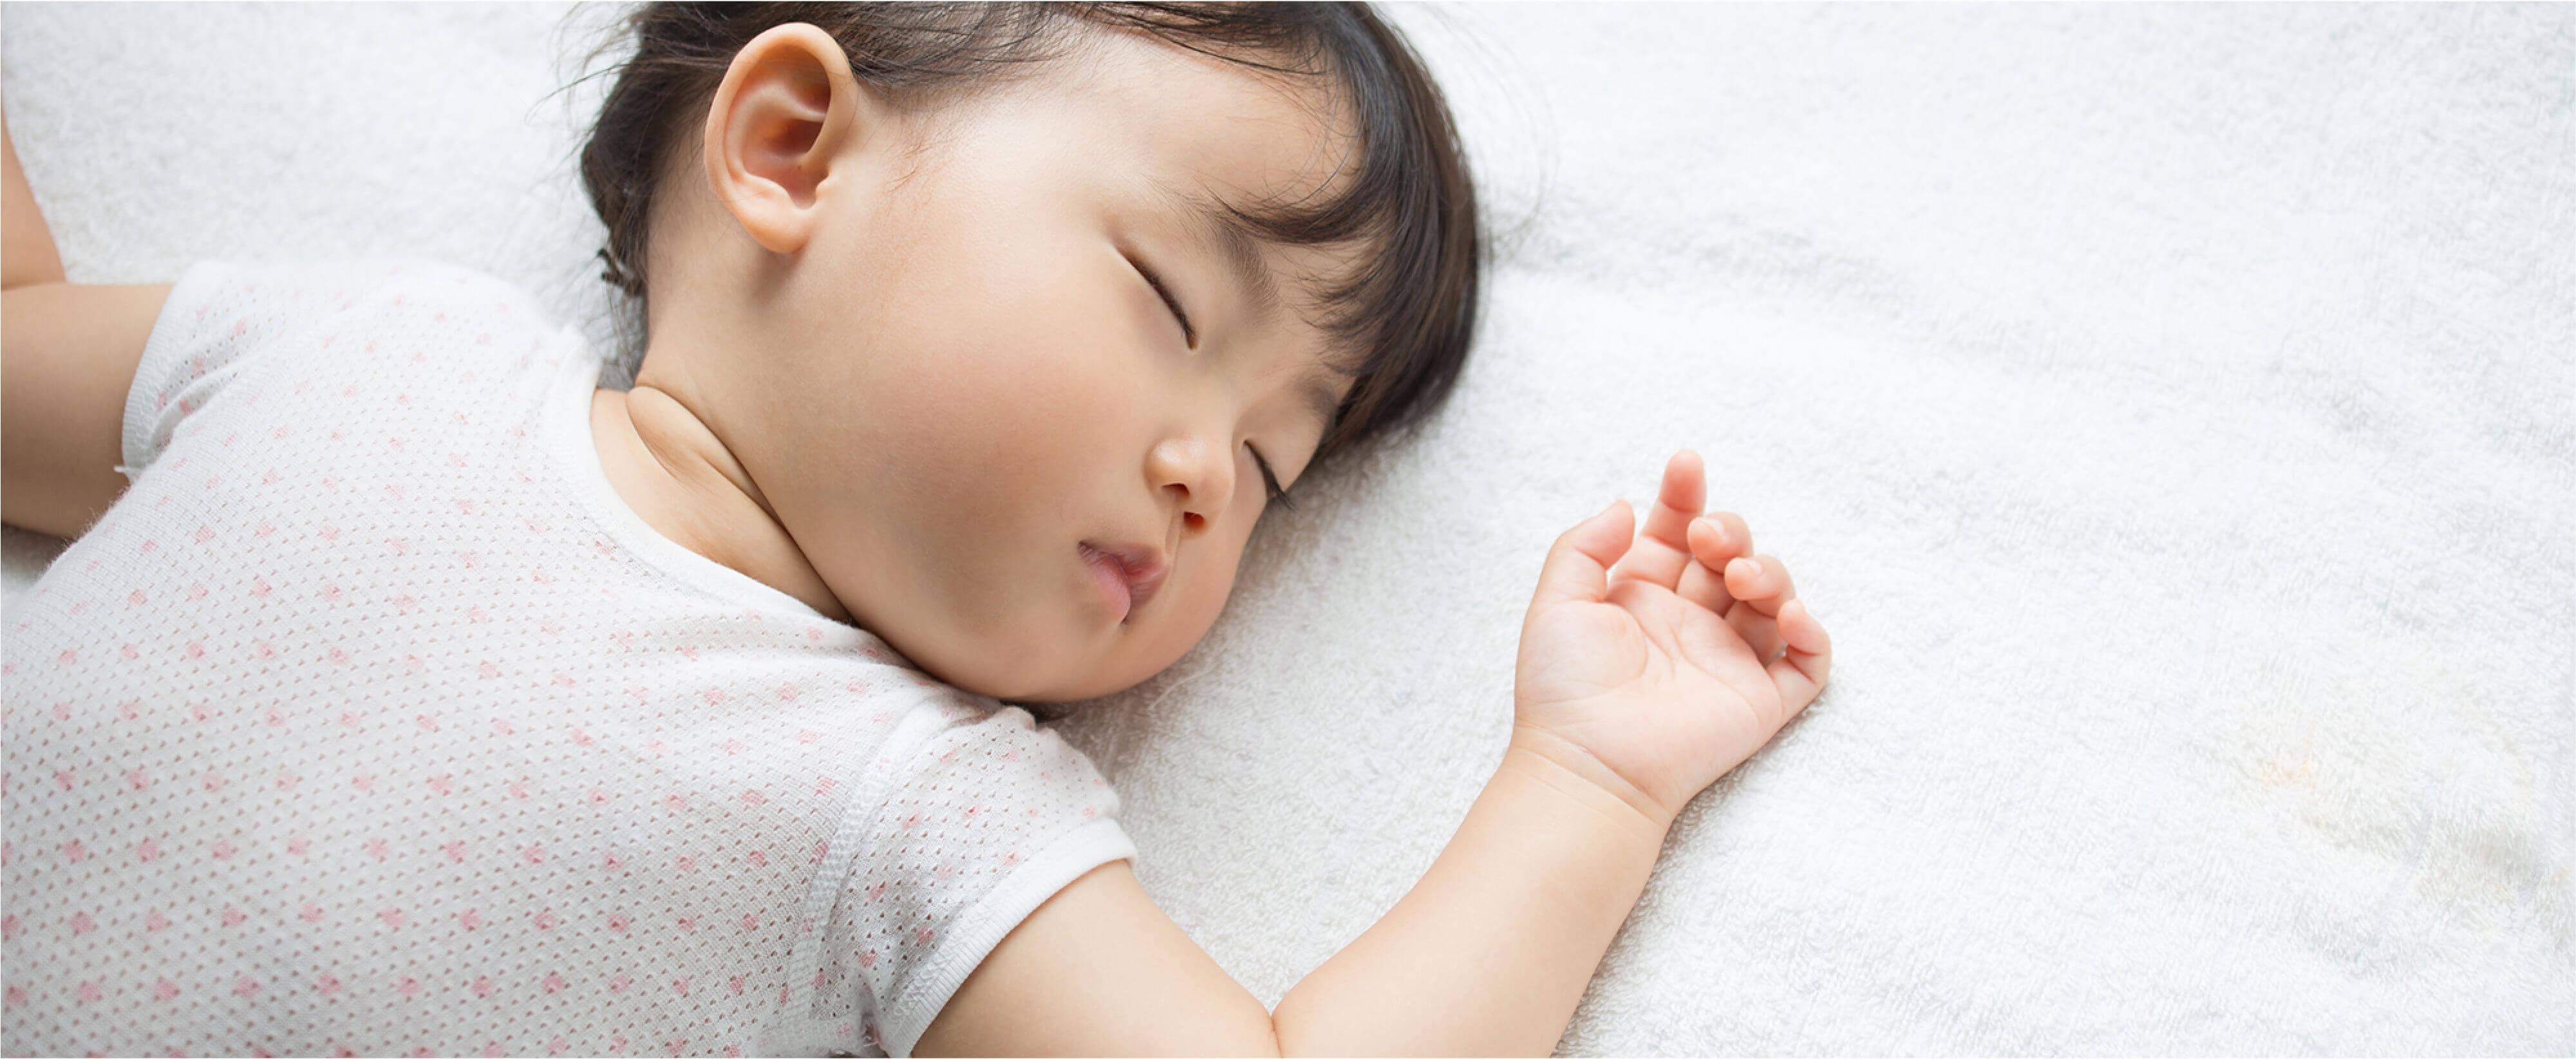 【令寶寶安睡】緩解濕疹困擾必學!